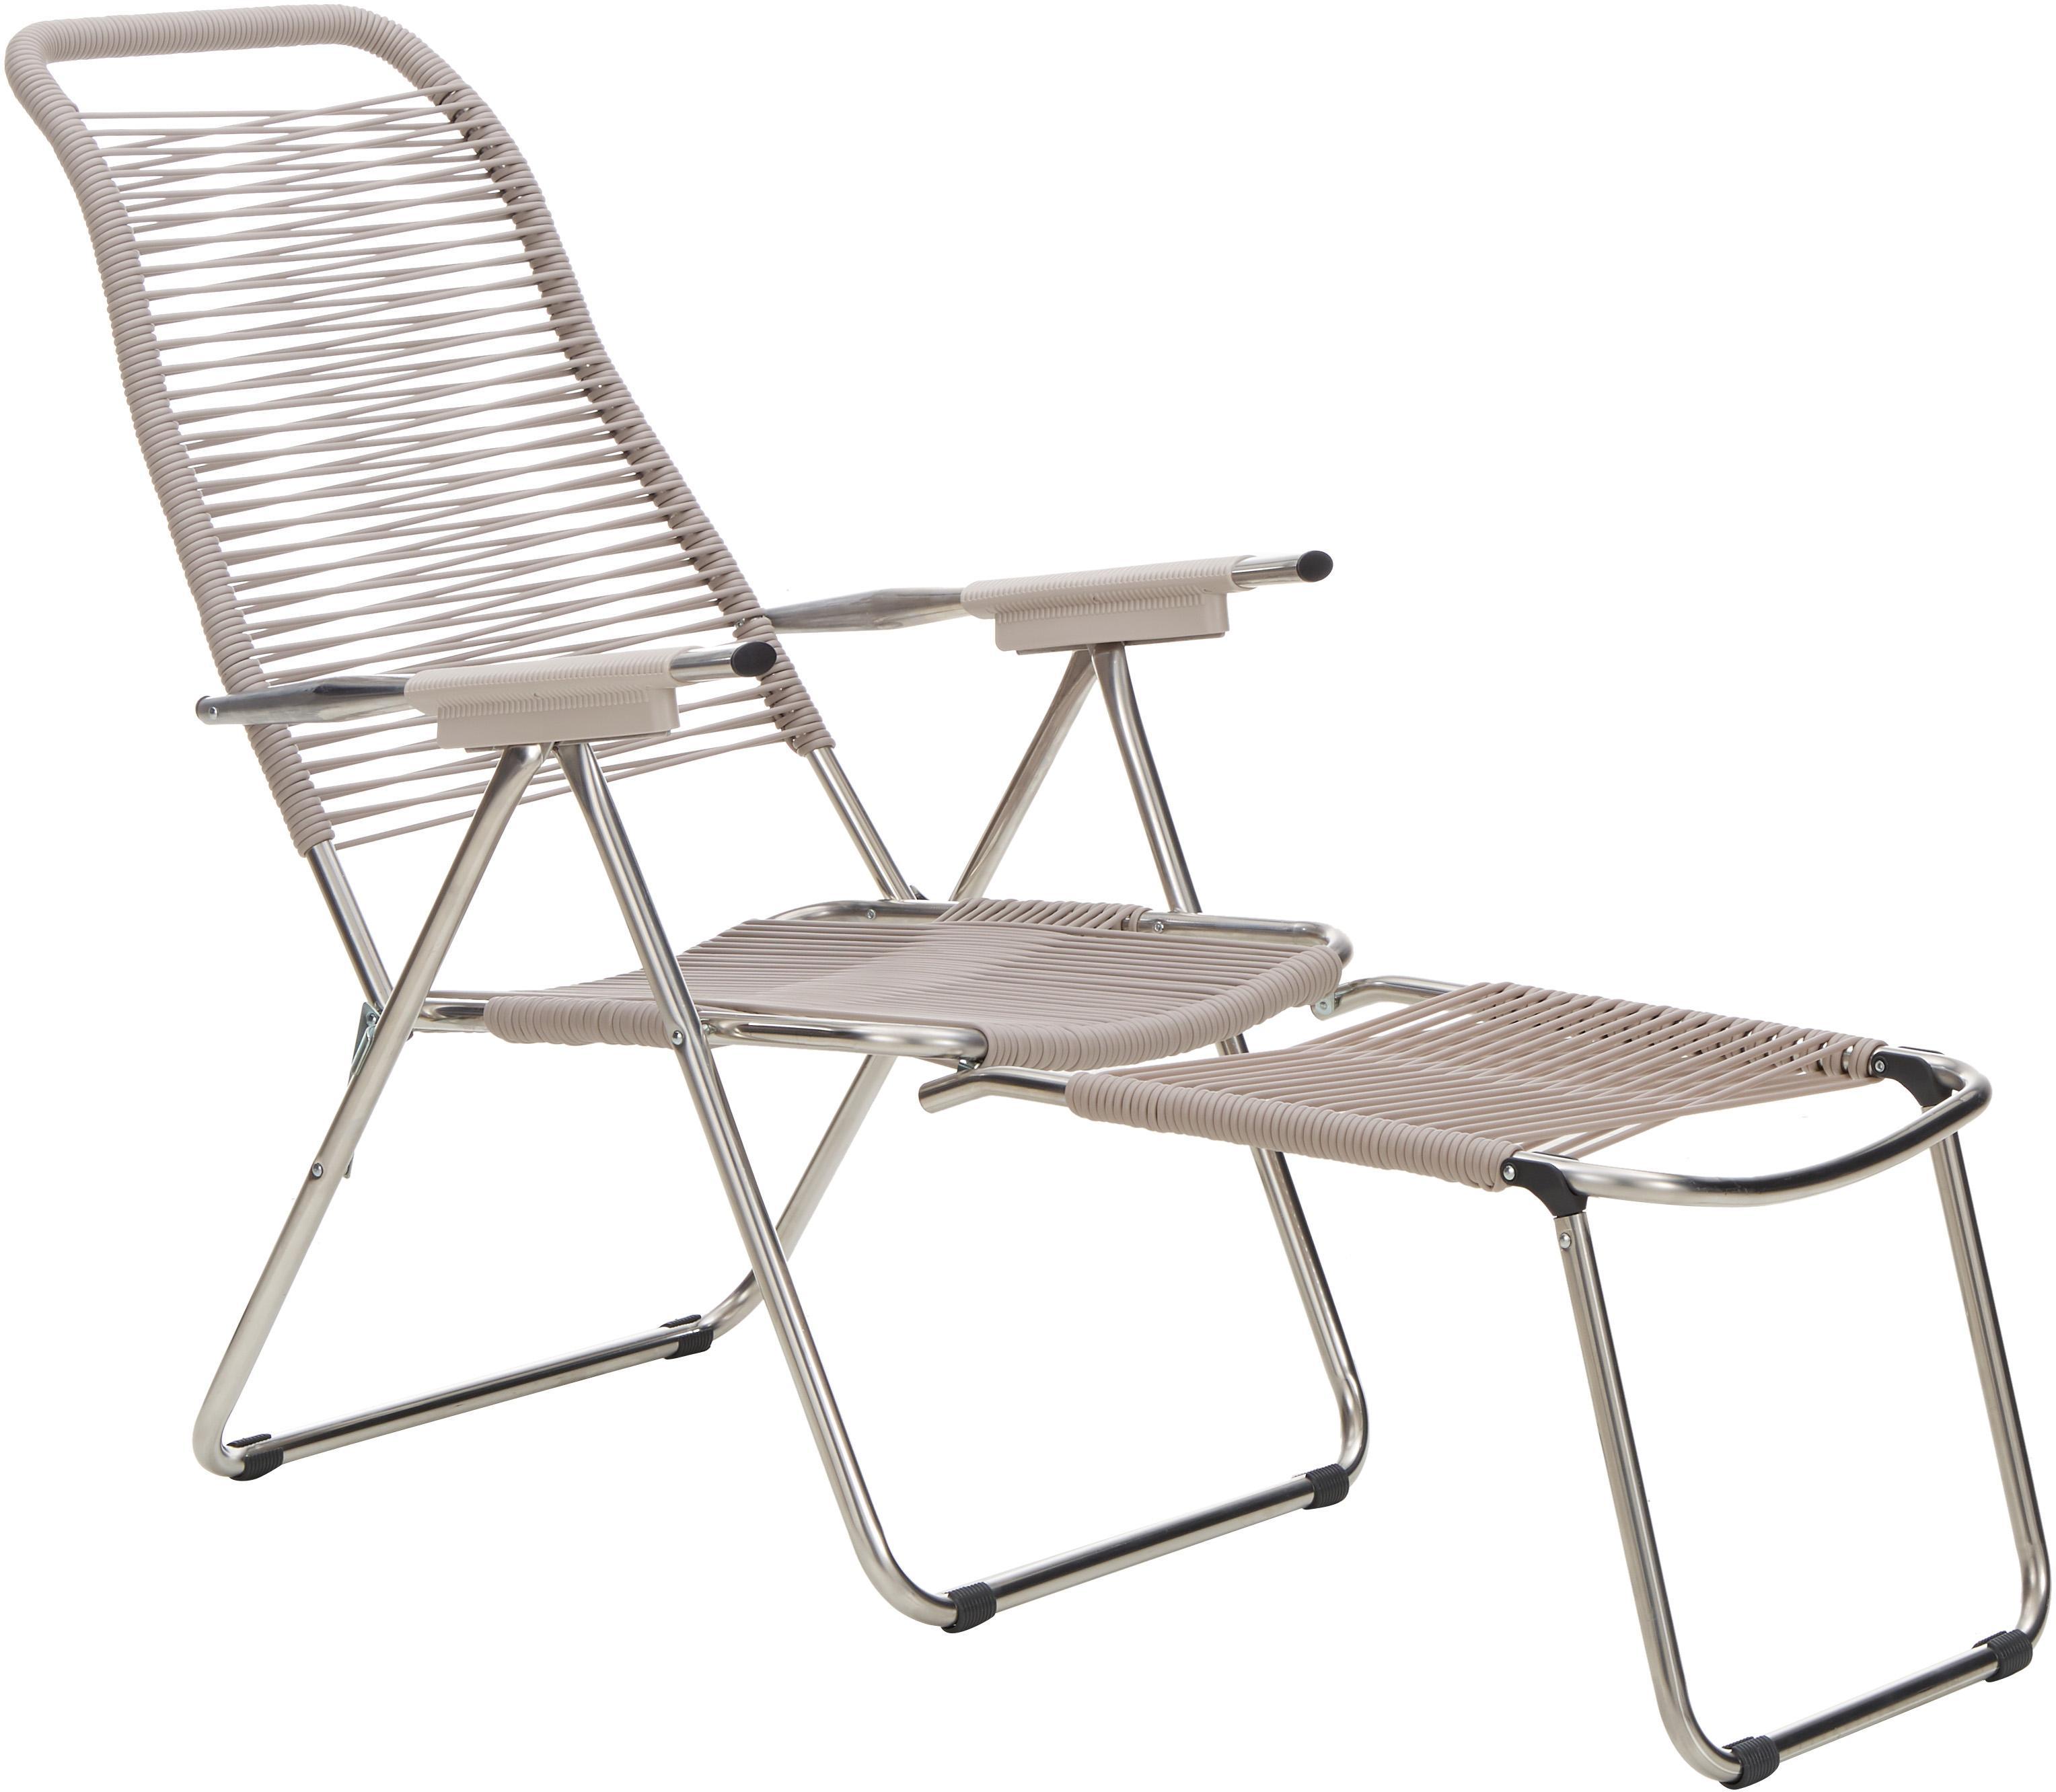 Sedia a sdraio con poggiapiedi Spaghetti, Struttura: alluminio, Rivestimento: nastro di cloruro di poli, Taupe, Larg. 60 x Prof. 48 cm